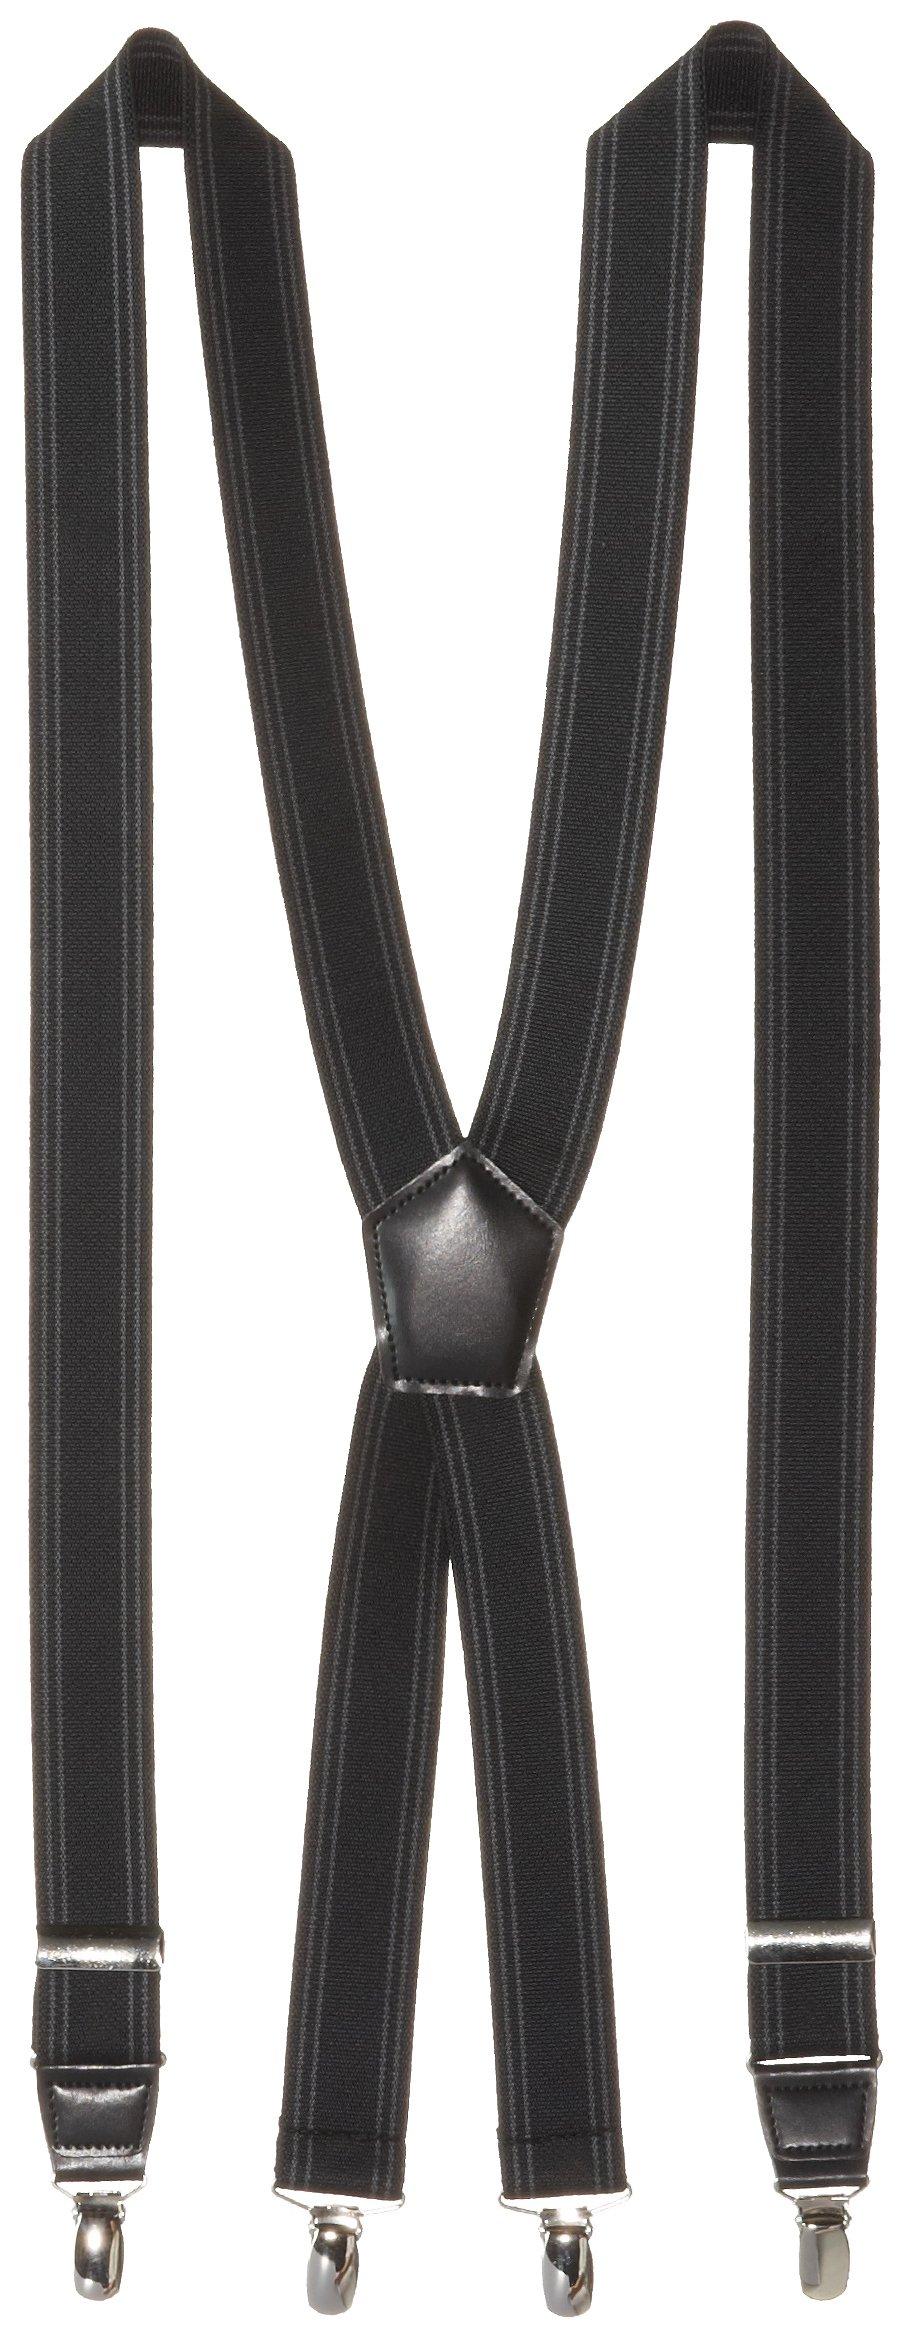 Dockers Men's Docker's 1 1/4 Inch Suspenders